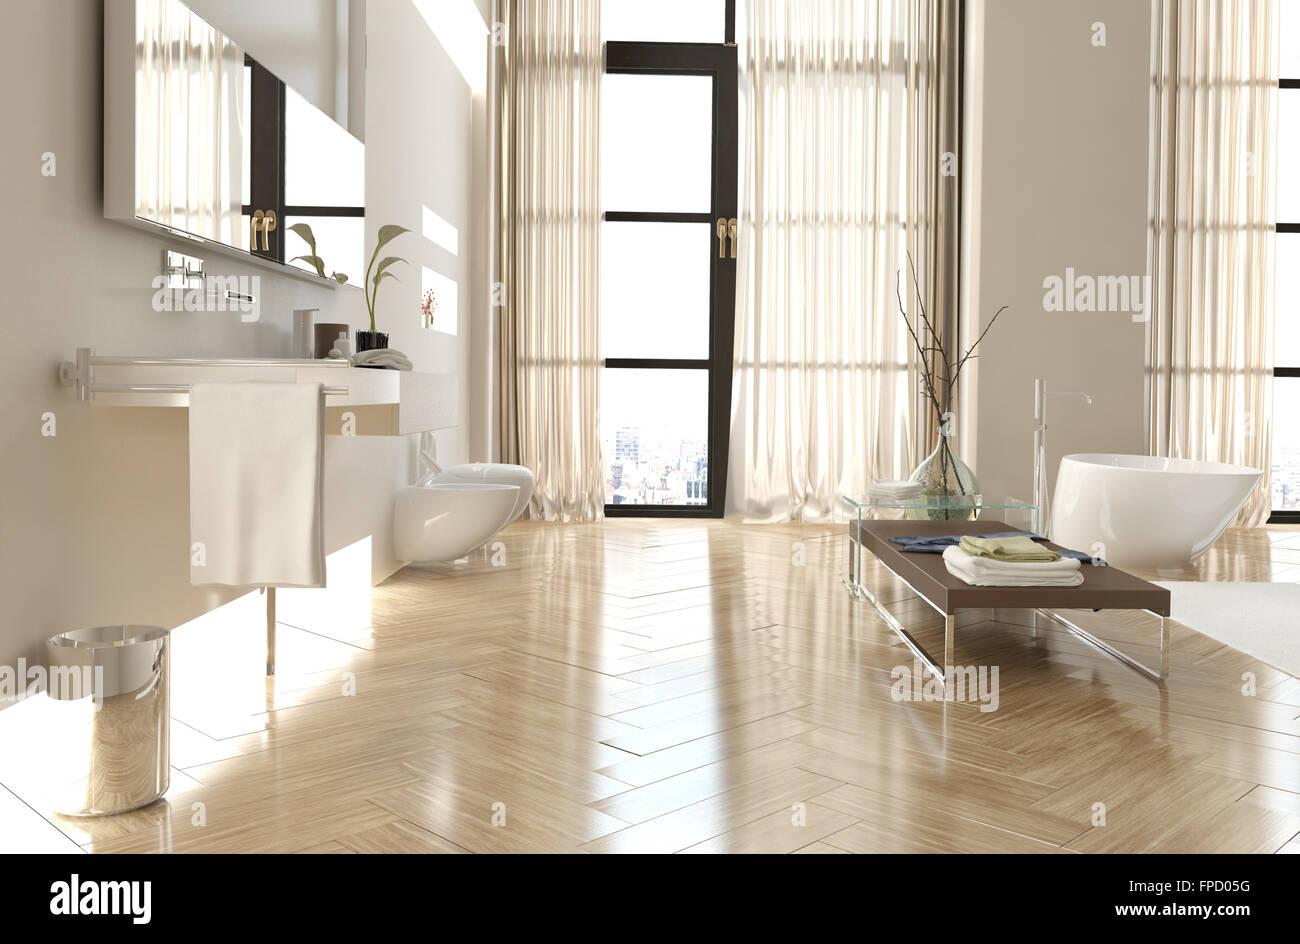 Modernen gehobenen badezimmer interieur mit einem fischgr ten boden raumhohe fenster mit - Raumhohe fenster ...